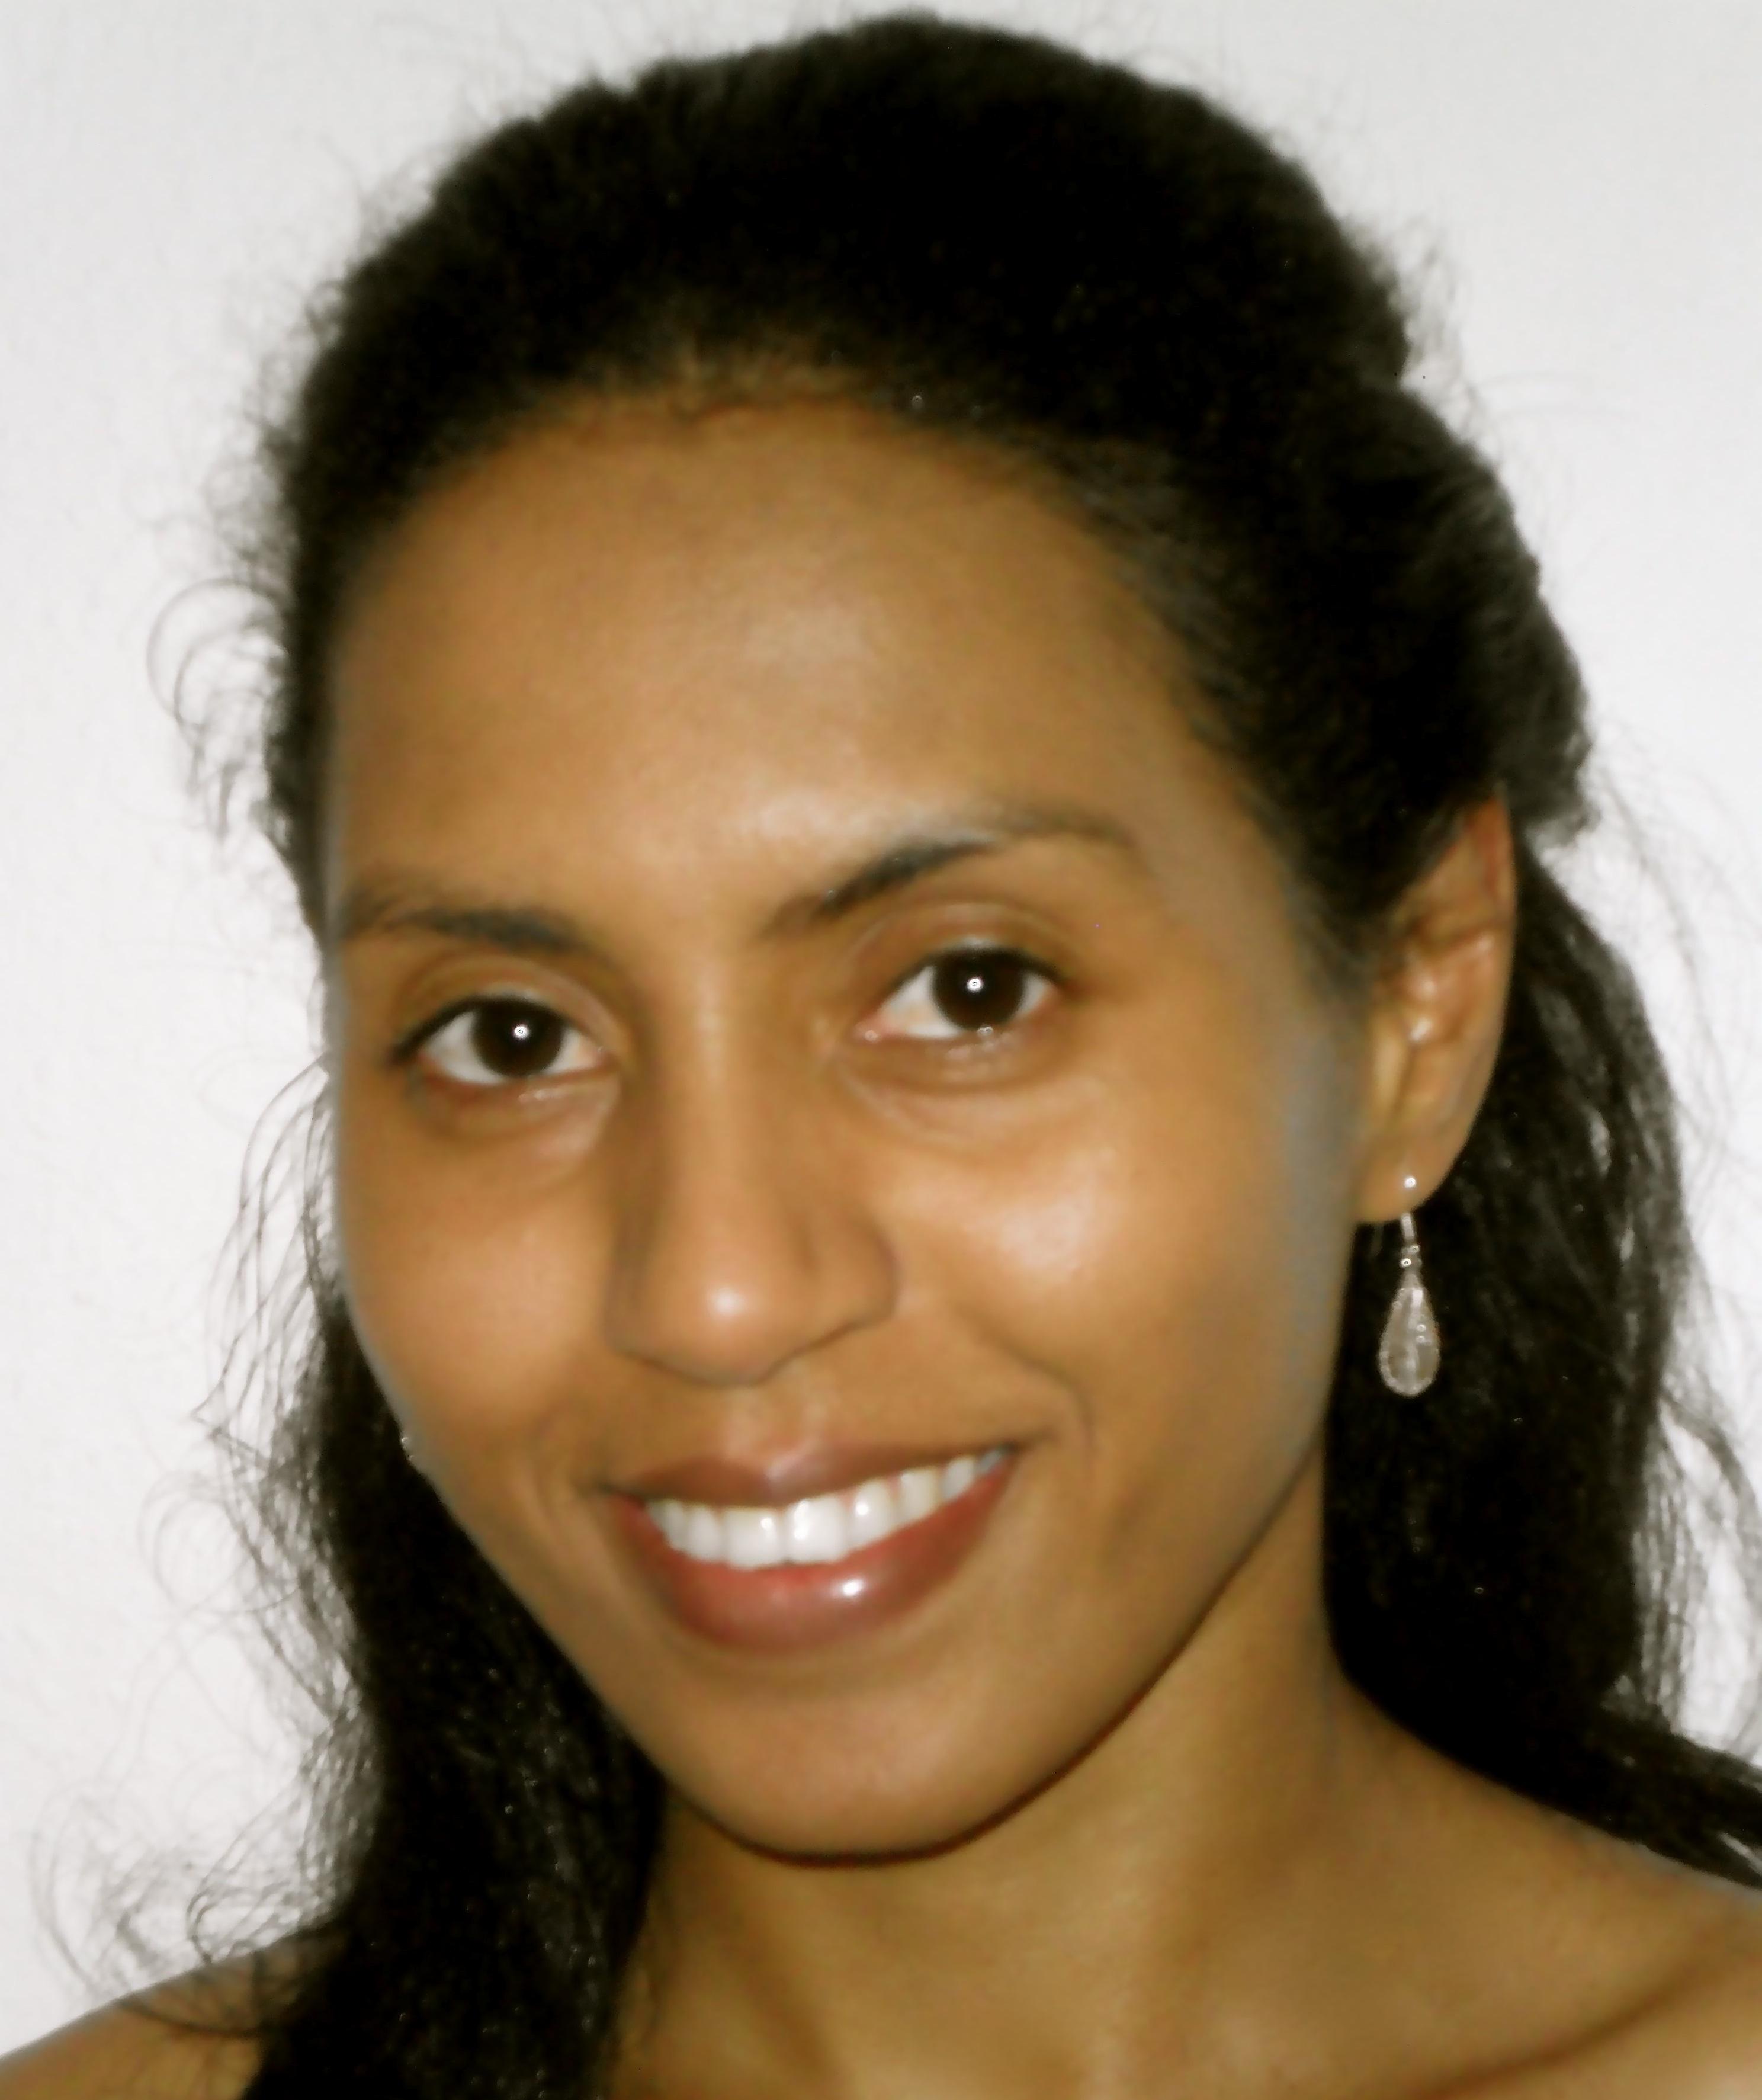 Dr. Shazrene Mohamed